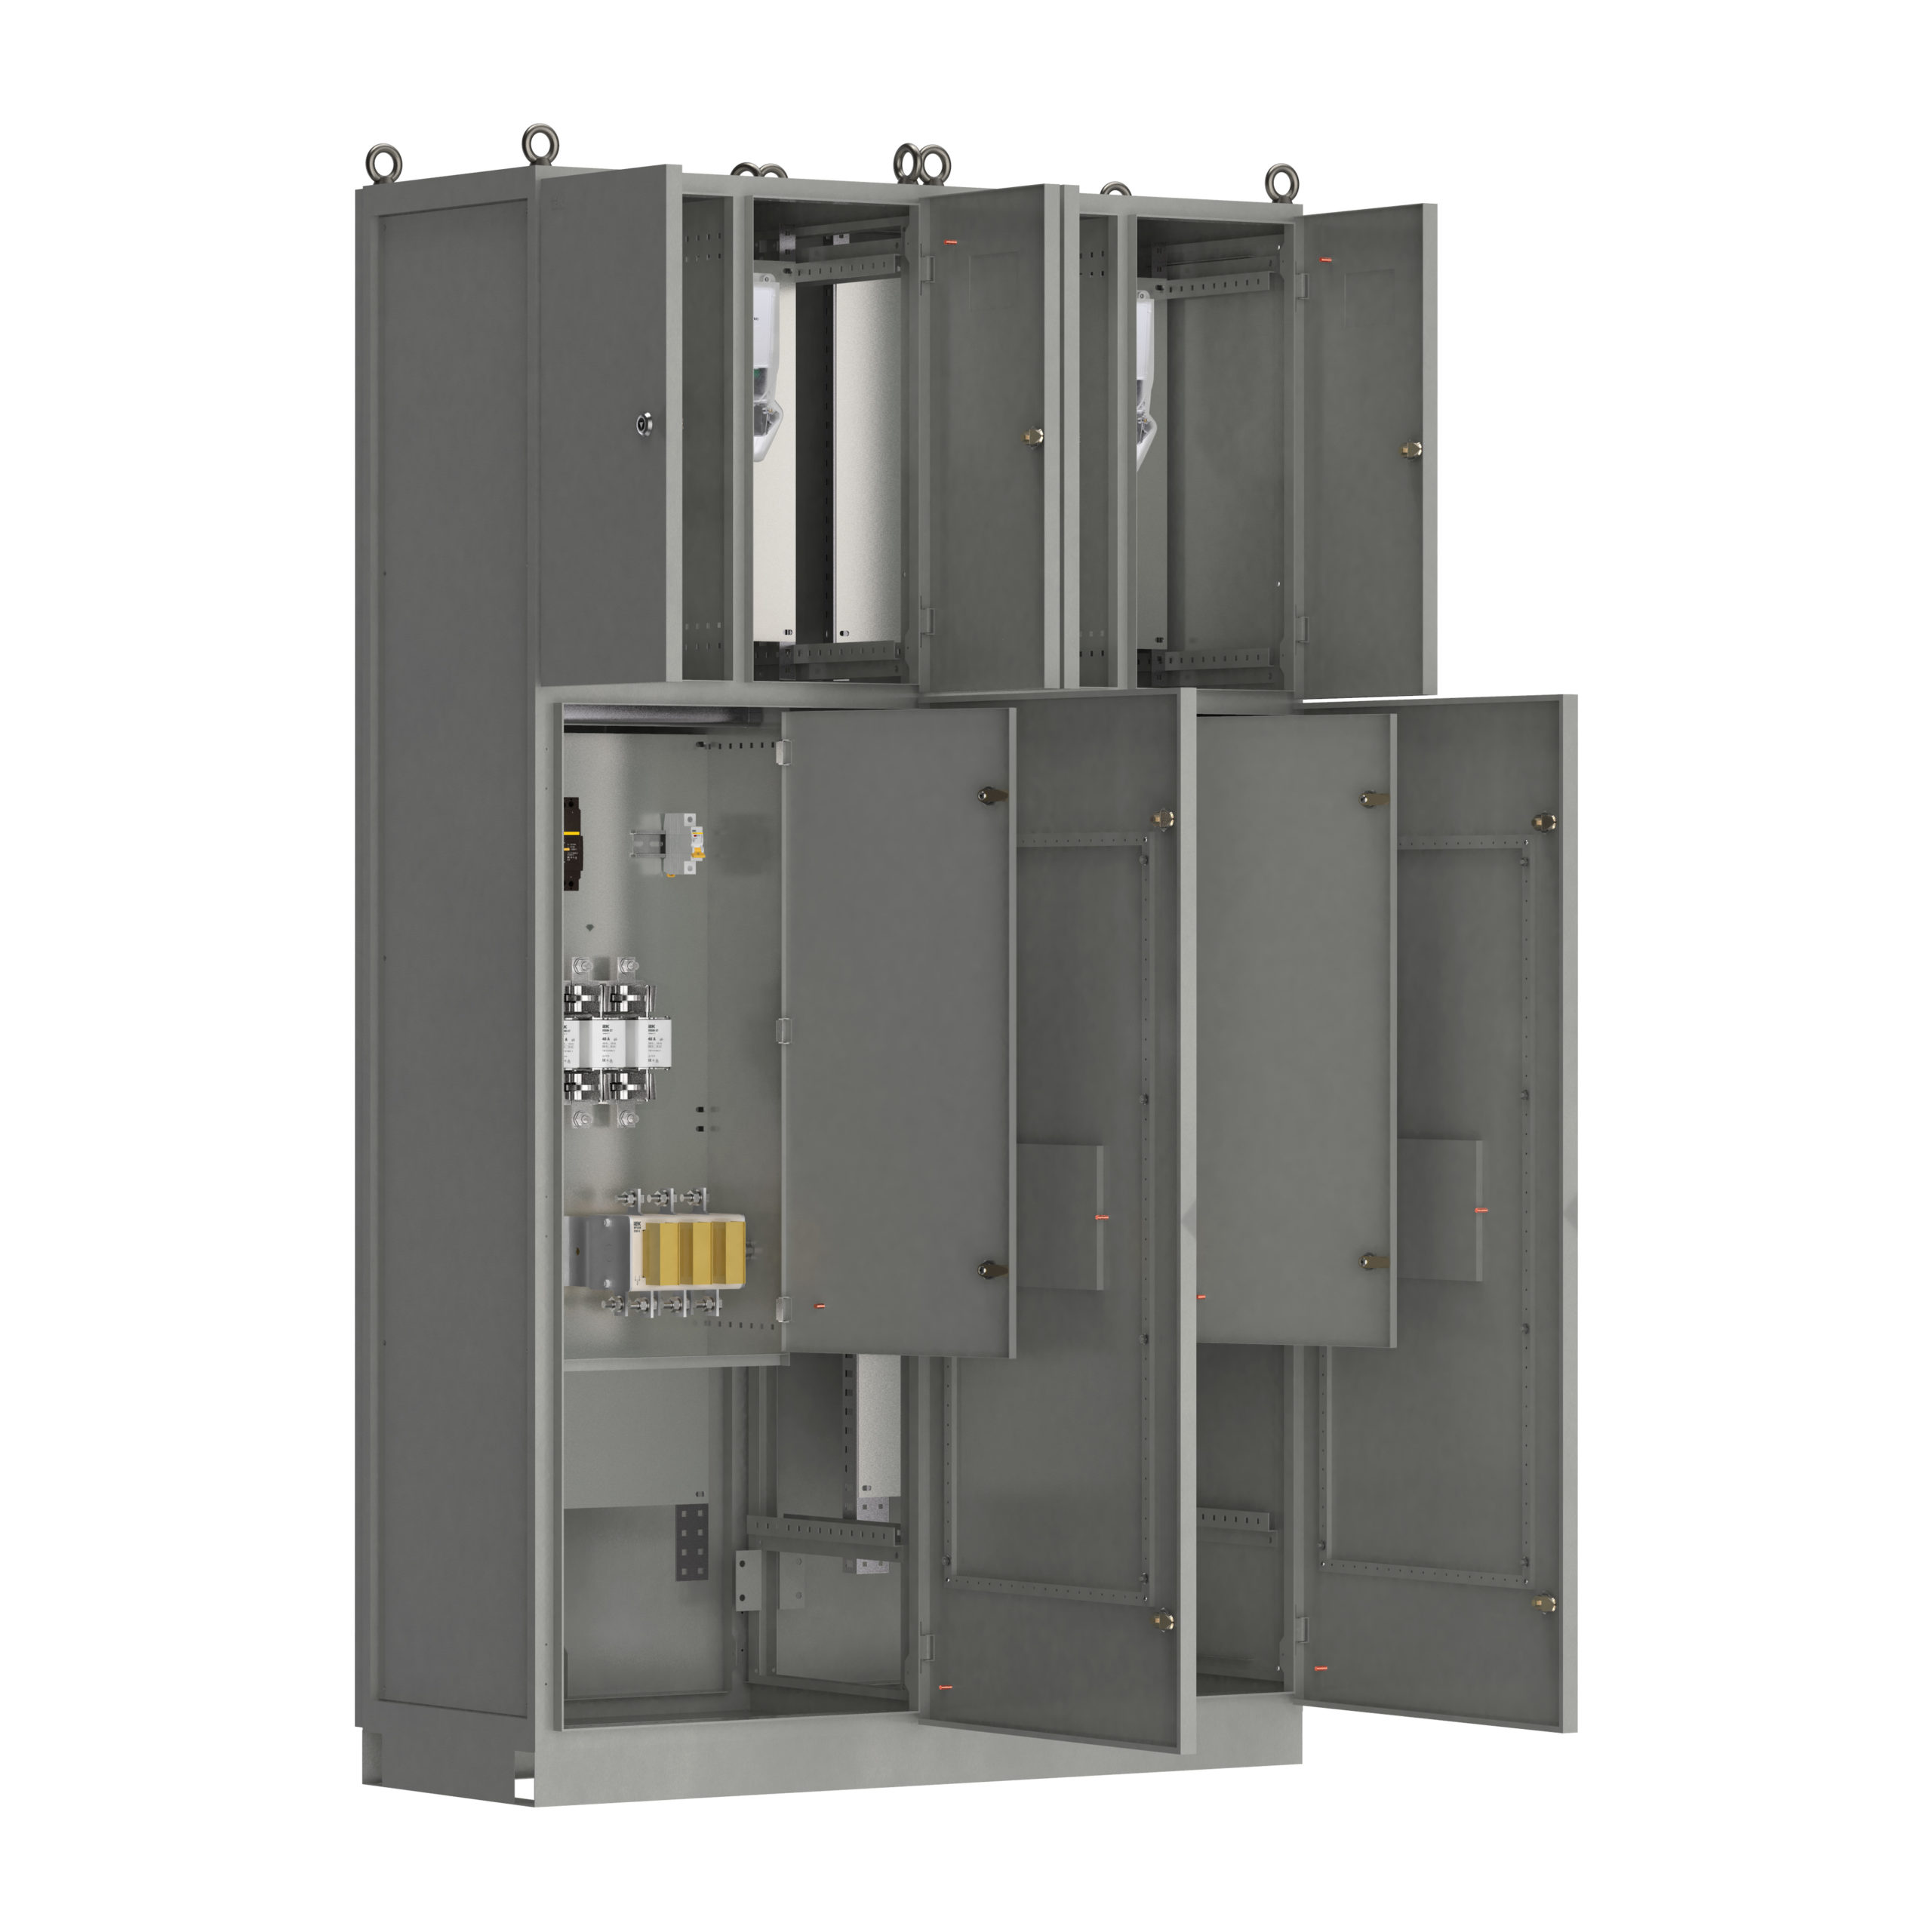 Панель вводная ВРУ1-11-10 УХЛ4 выключатели автоматические 1Р 2х6А рубильники 2х250А плавкие вставки 6х250А и учет IEK